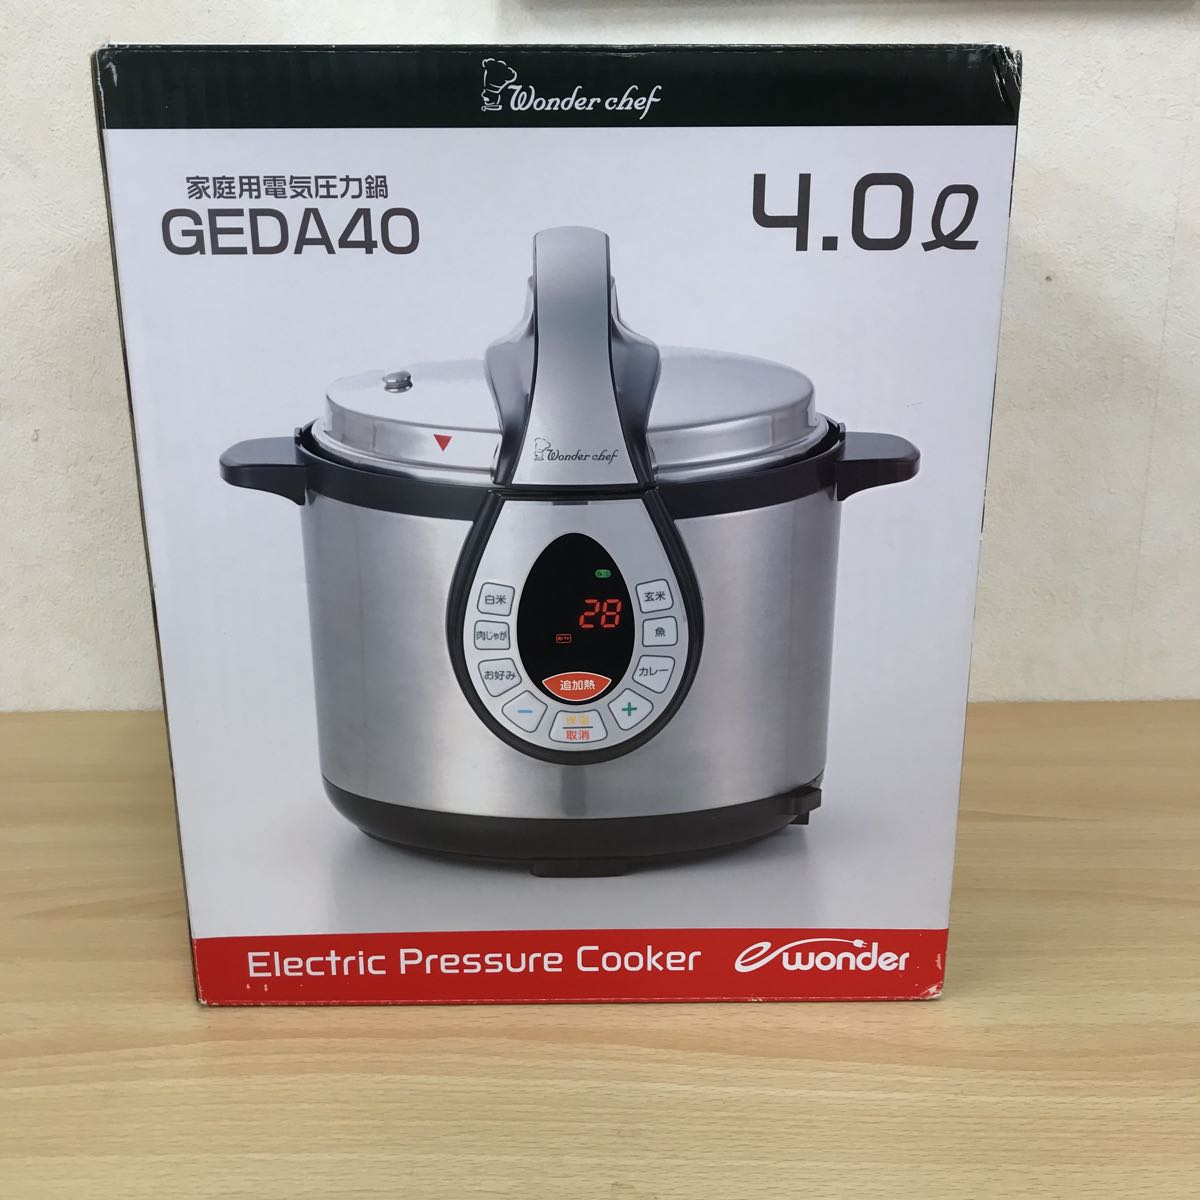 1円〜 新品 ワンダーシェフ GEDA40 家庭用電気圧力鍋 4.0 調理器具